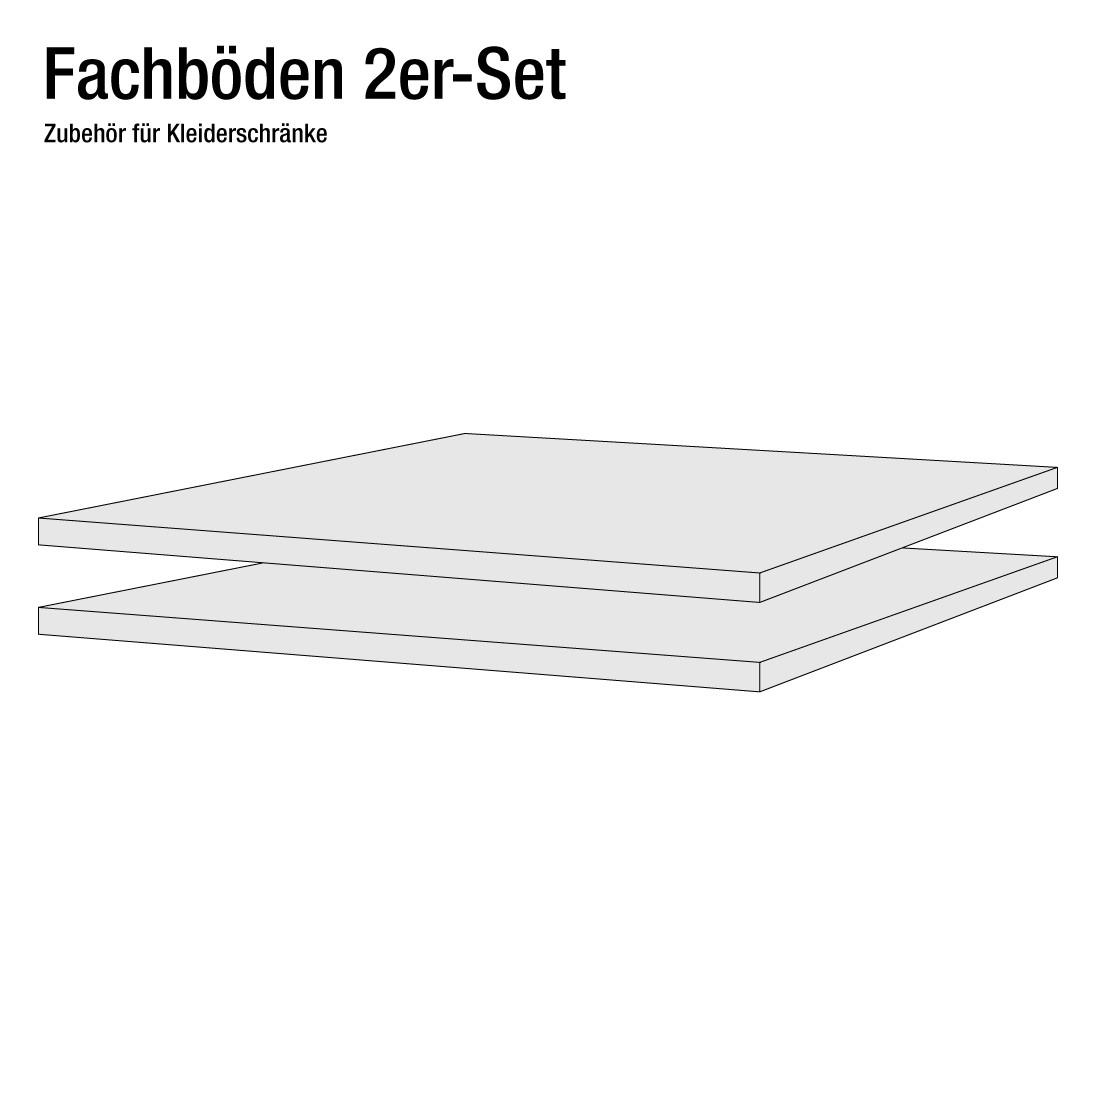 45er Fachboden (2er-Set) - OAKland´s